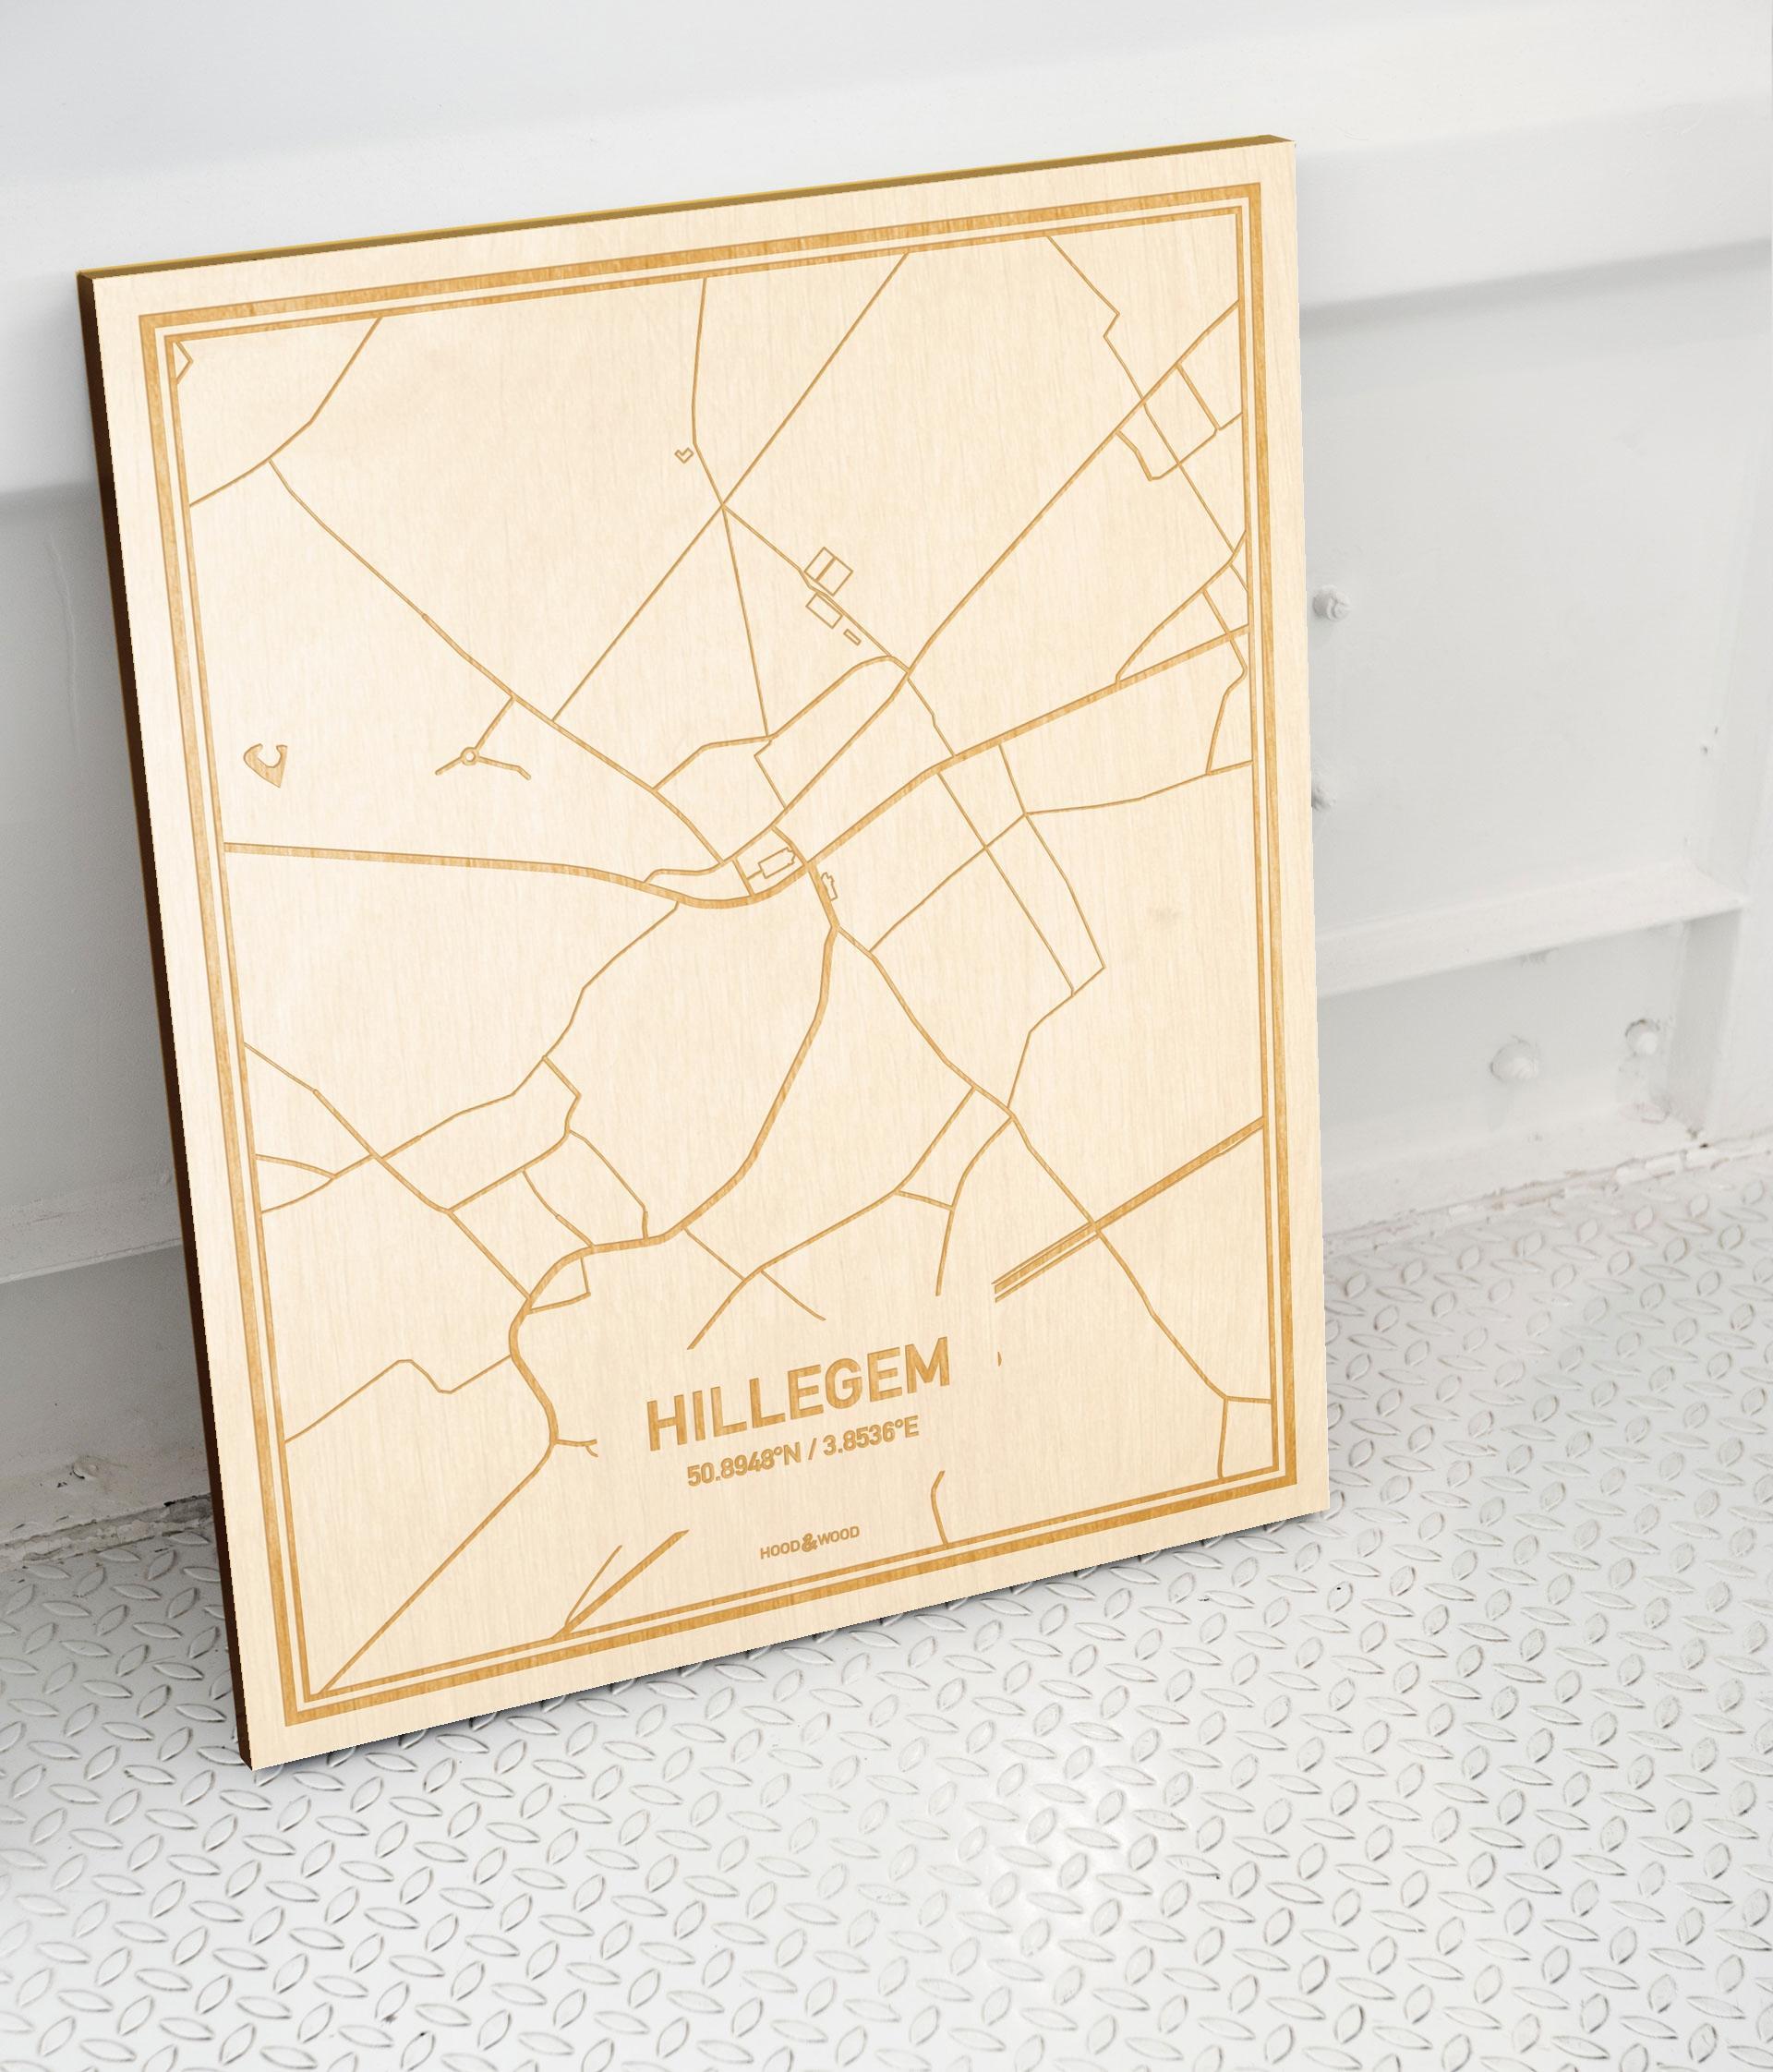 Plattegrond Hillegem als prachtige houten wanddecoratie. Het warme hout contrasteert mooi met de witte muur.